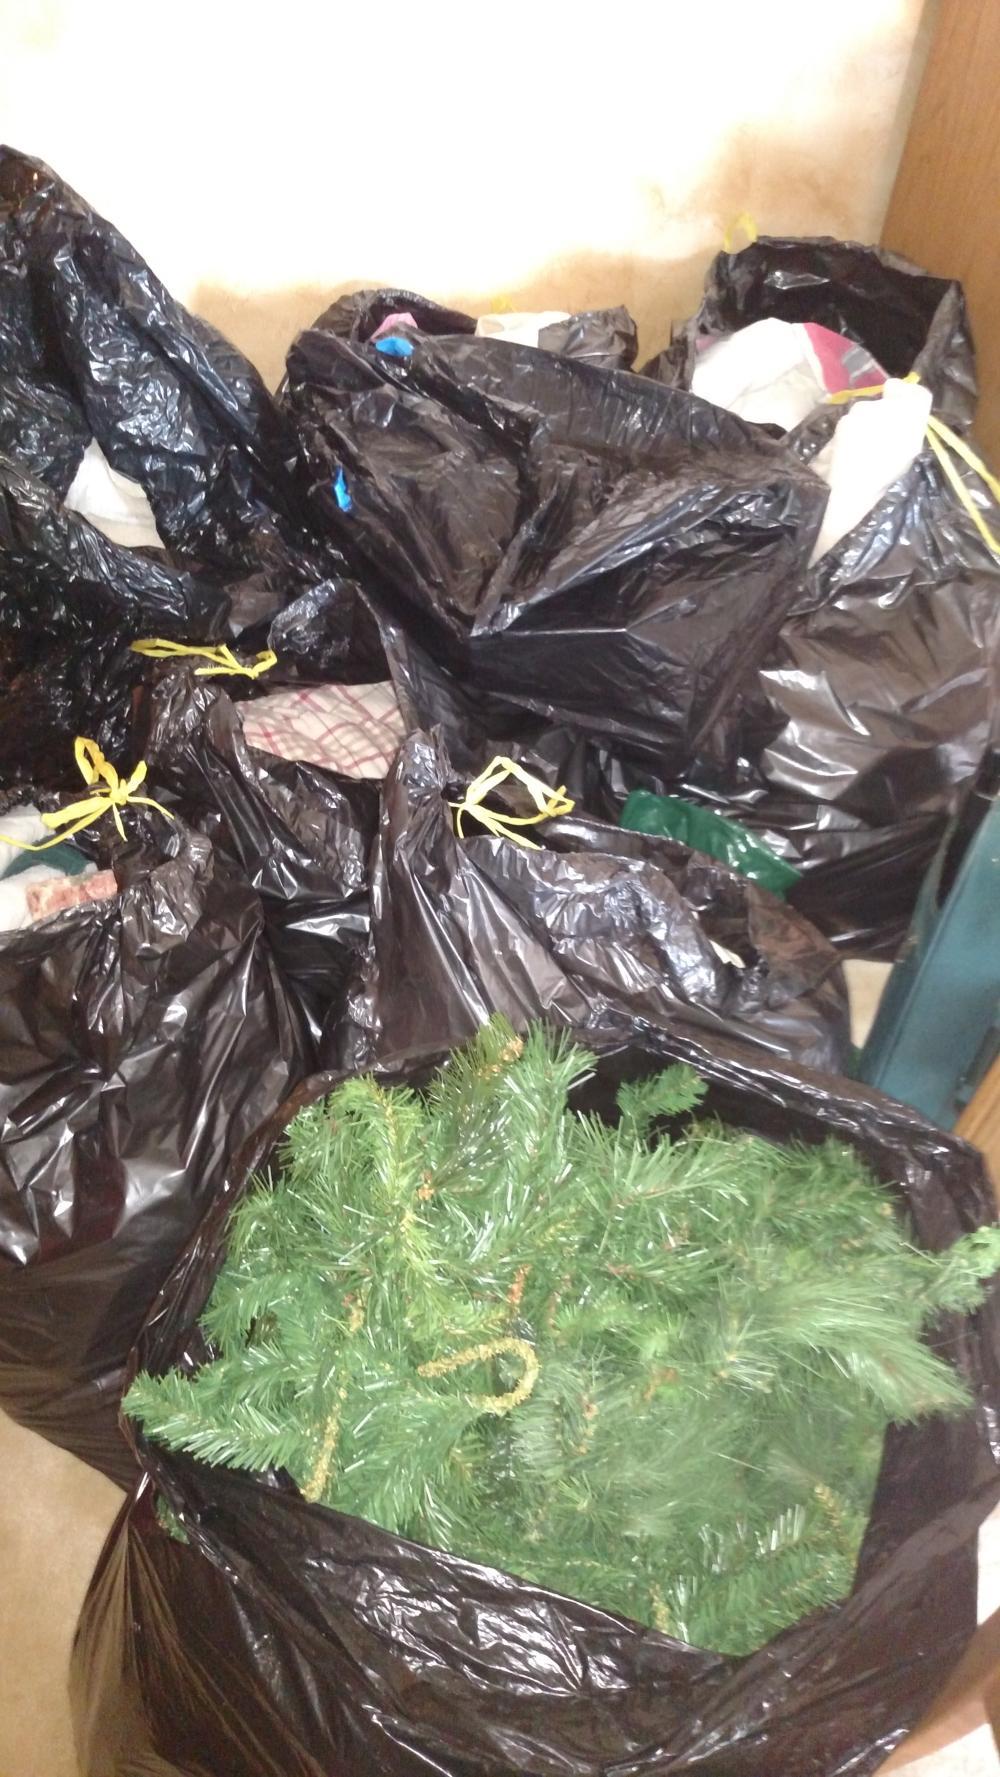 Christmas/bedding job lot and 2 Christmas totes